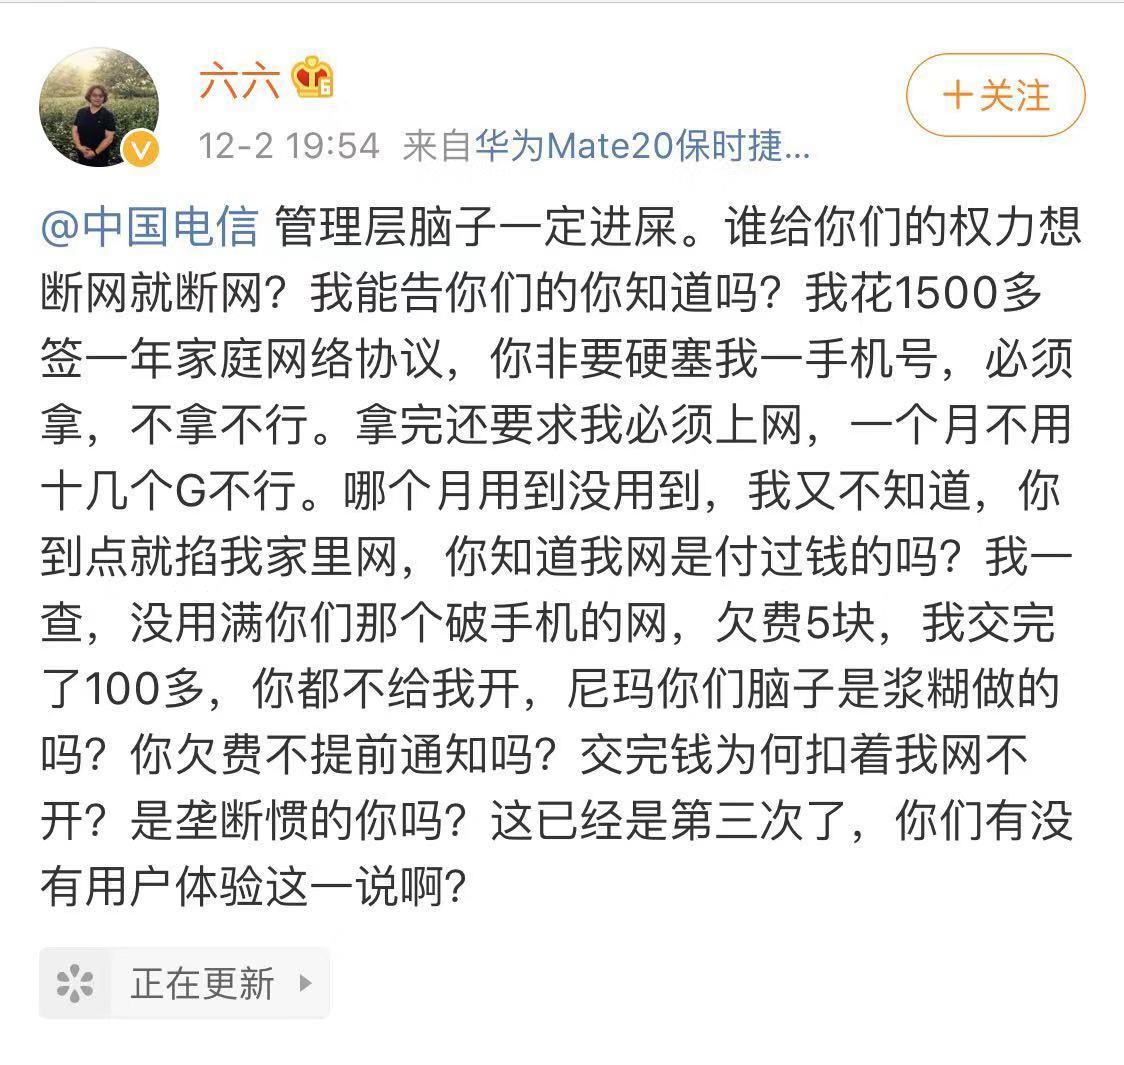 京东2019Q4财报:营收1707亿元超市场预期